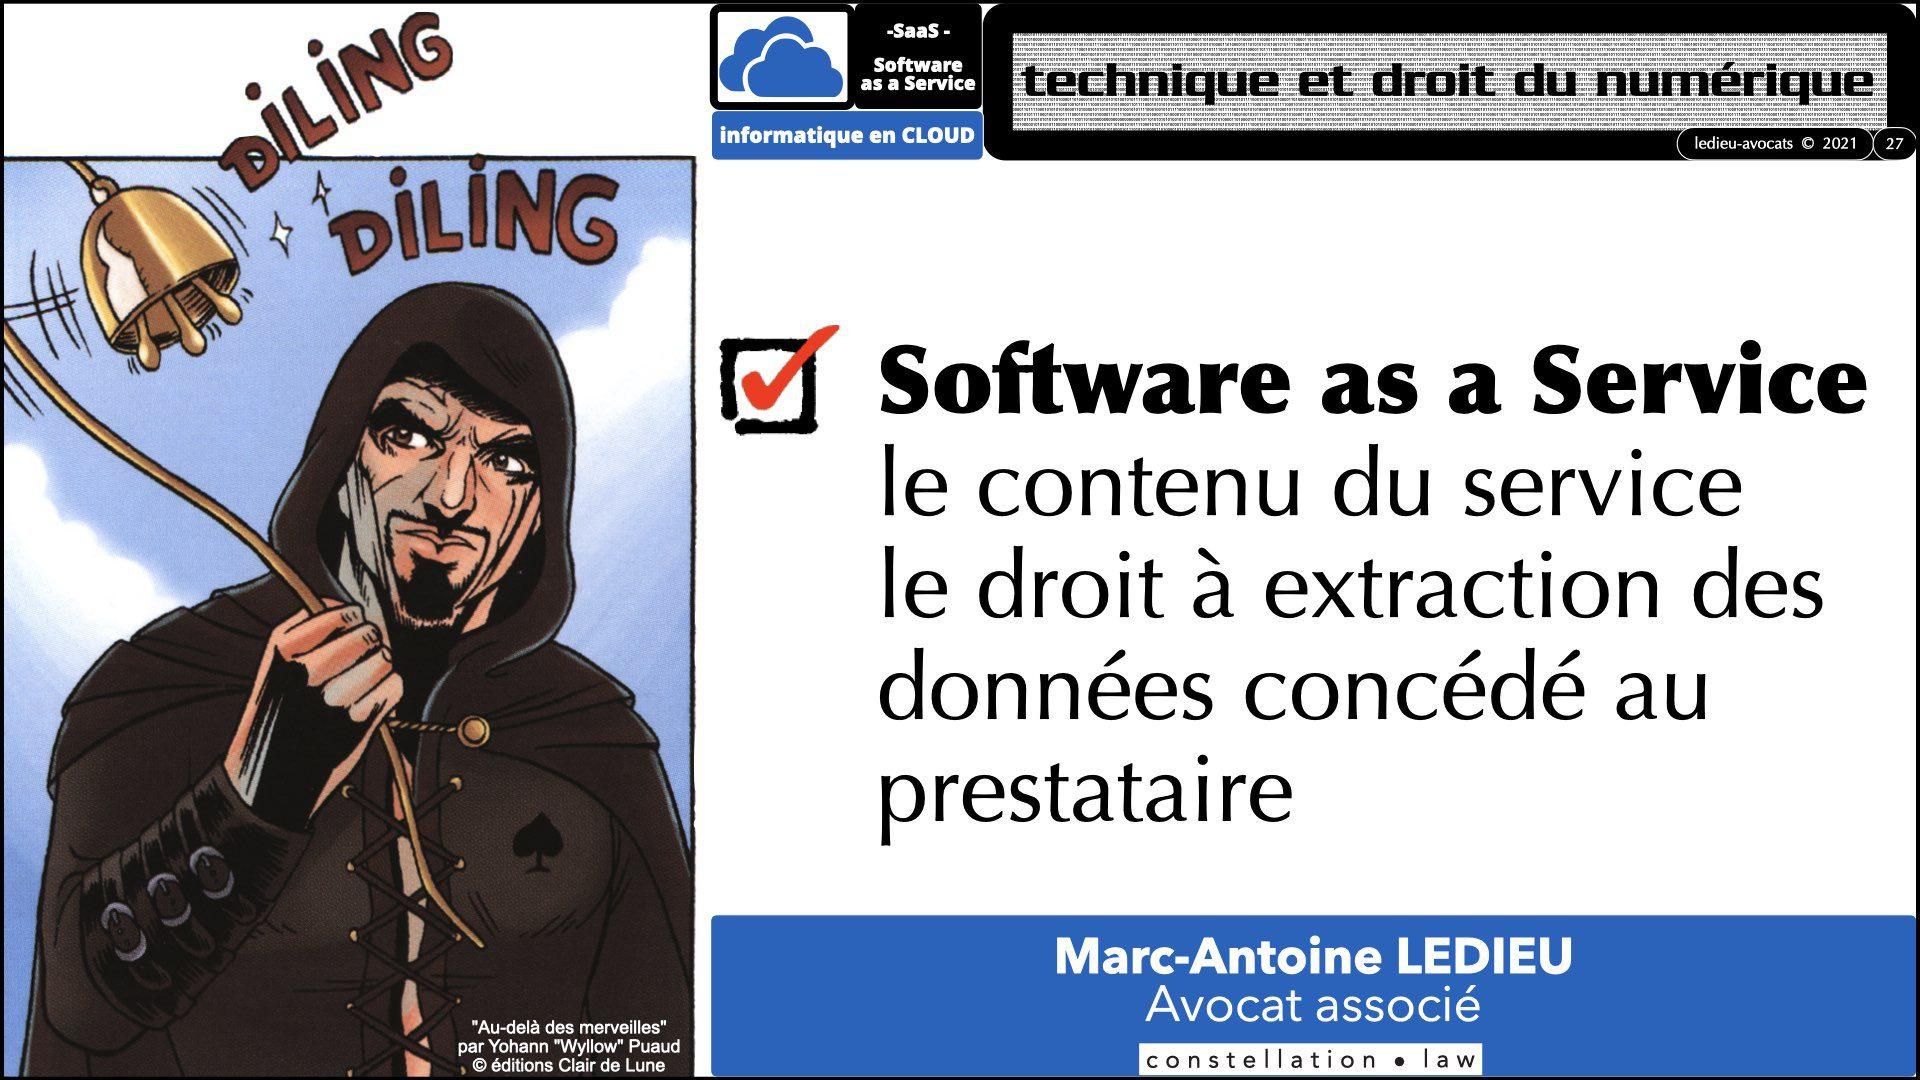 343 service LOGICIEL SaaS Software-as-a-Service cloud computing © Ledieu-Avocats technique droit numerique 30-08-2021.027